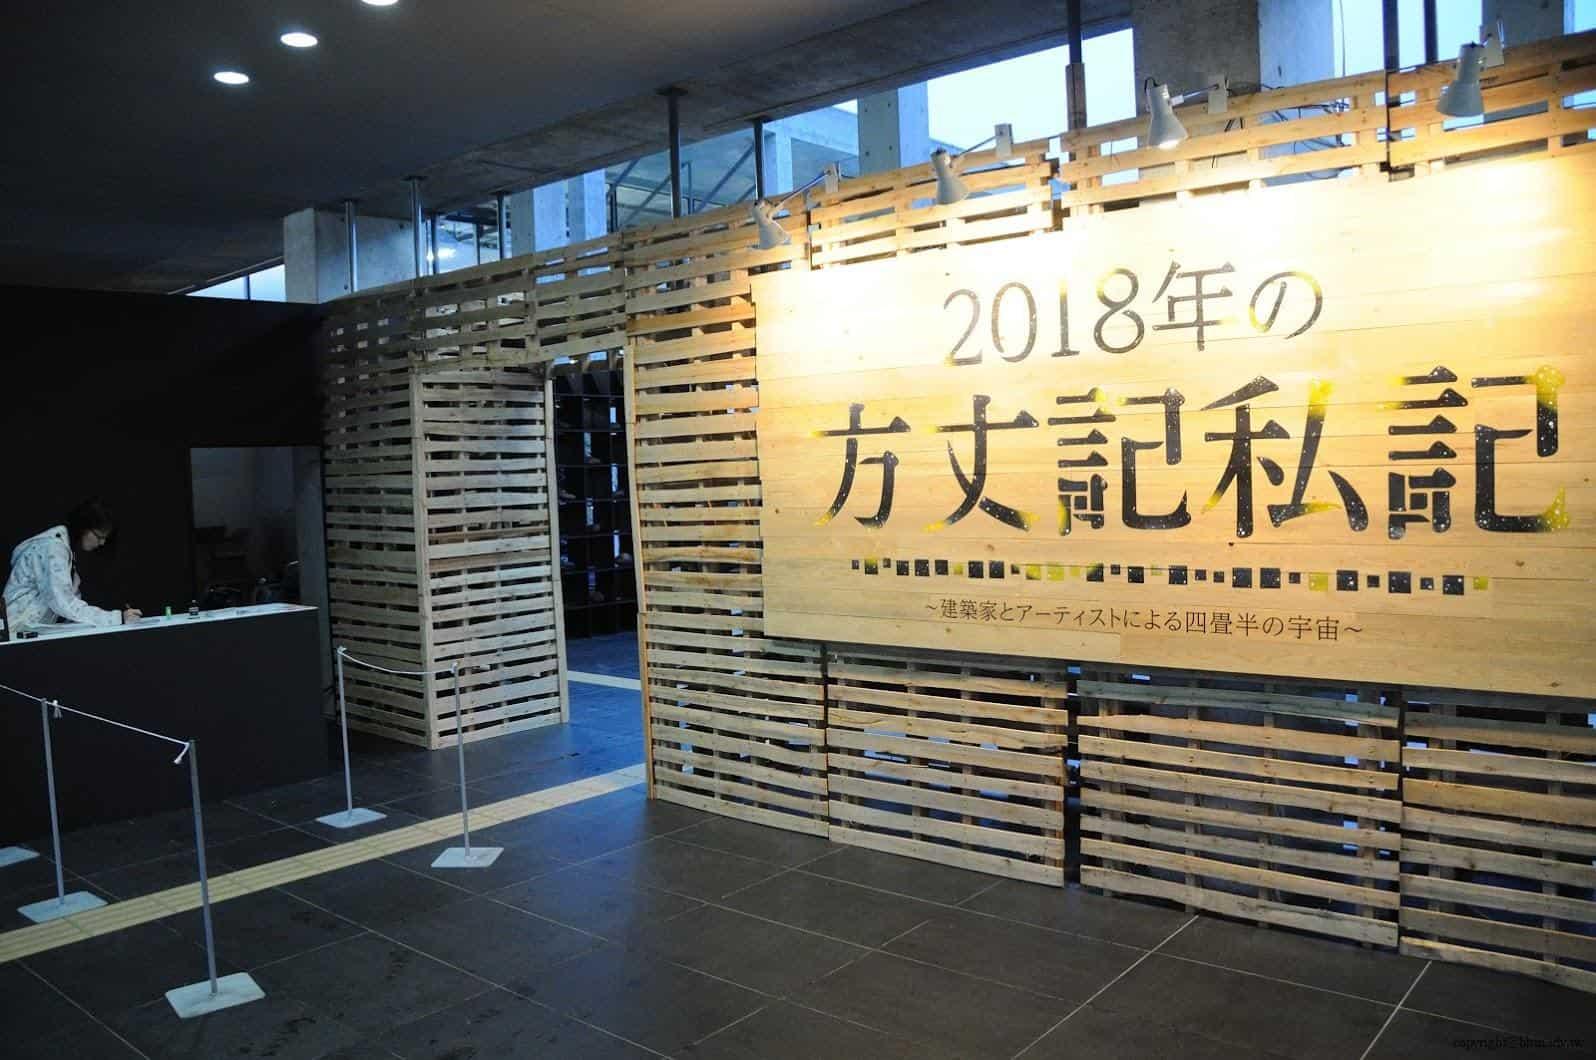 原廣司+ATELIER建築研究所,越後妻有里山現代美術館,2018企劃展「方丈記私記」,千變萬化的方格世界,讓藝術家們在長寬高皆約3公尺的「一方丈」空間裡,打造出他們想像中的世界 越後妻有里山現代美術館 越後妻有里山現代美術館 echigo tsumari kouryukan echigo tsumari exchange center 03